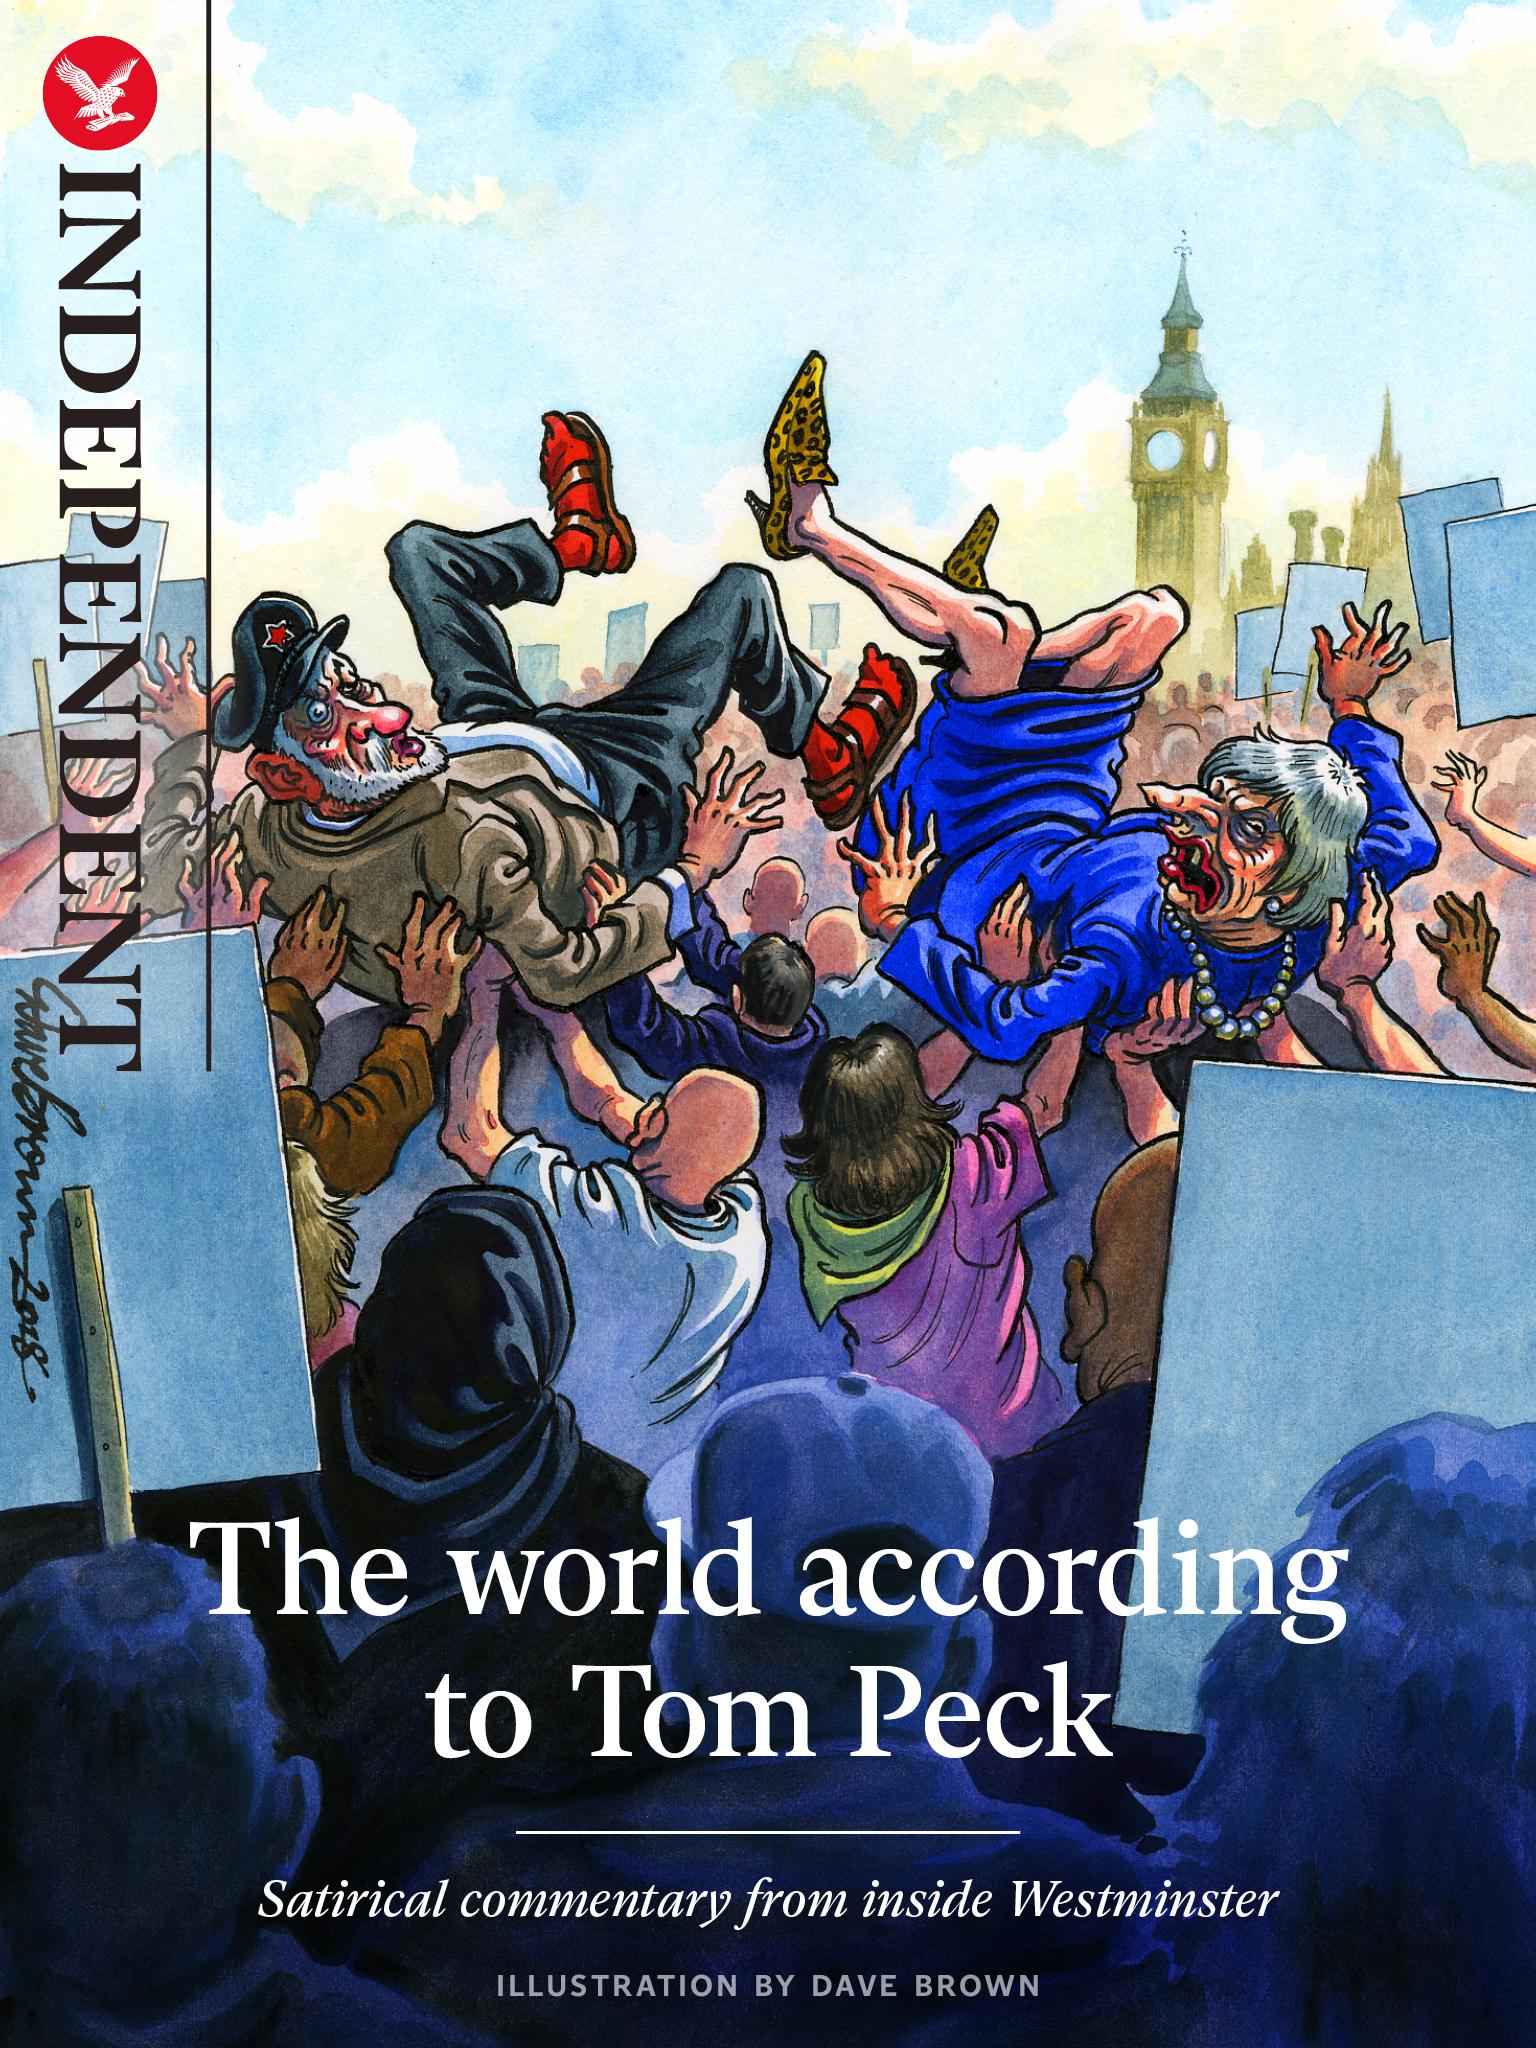 TomPeckSketches.jpg